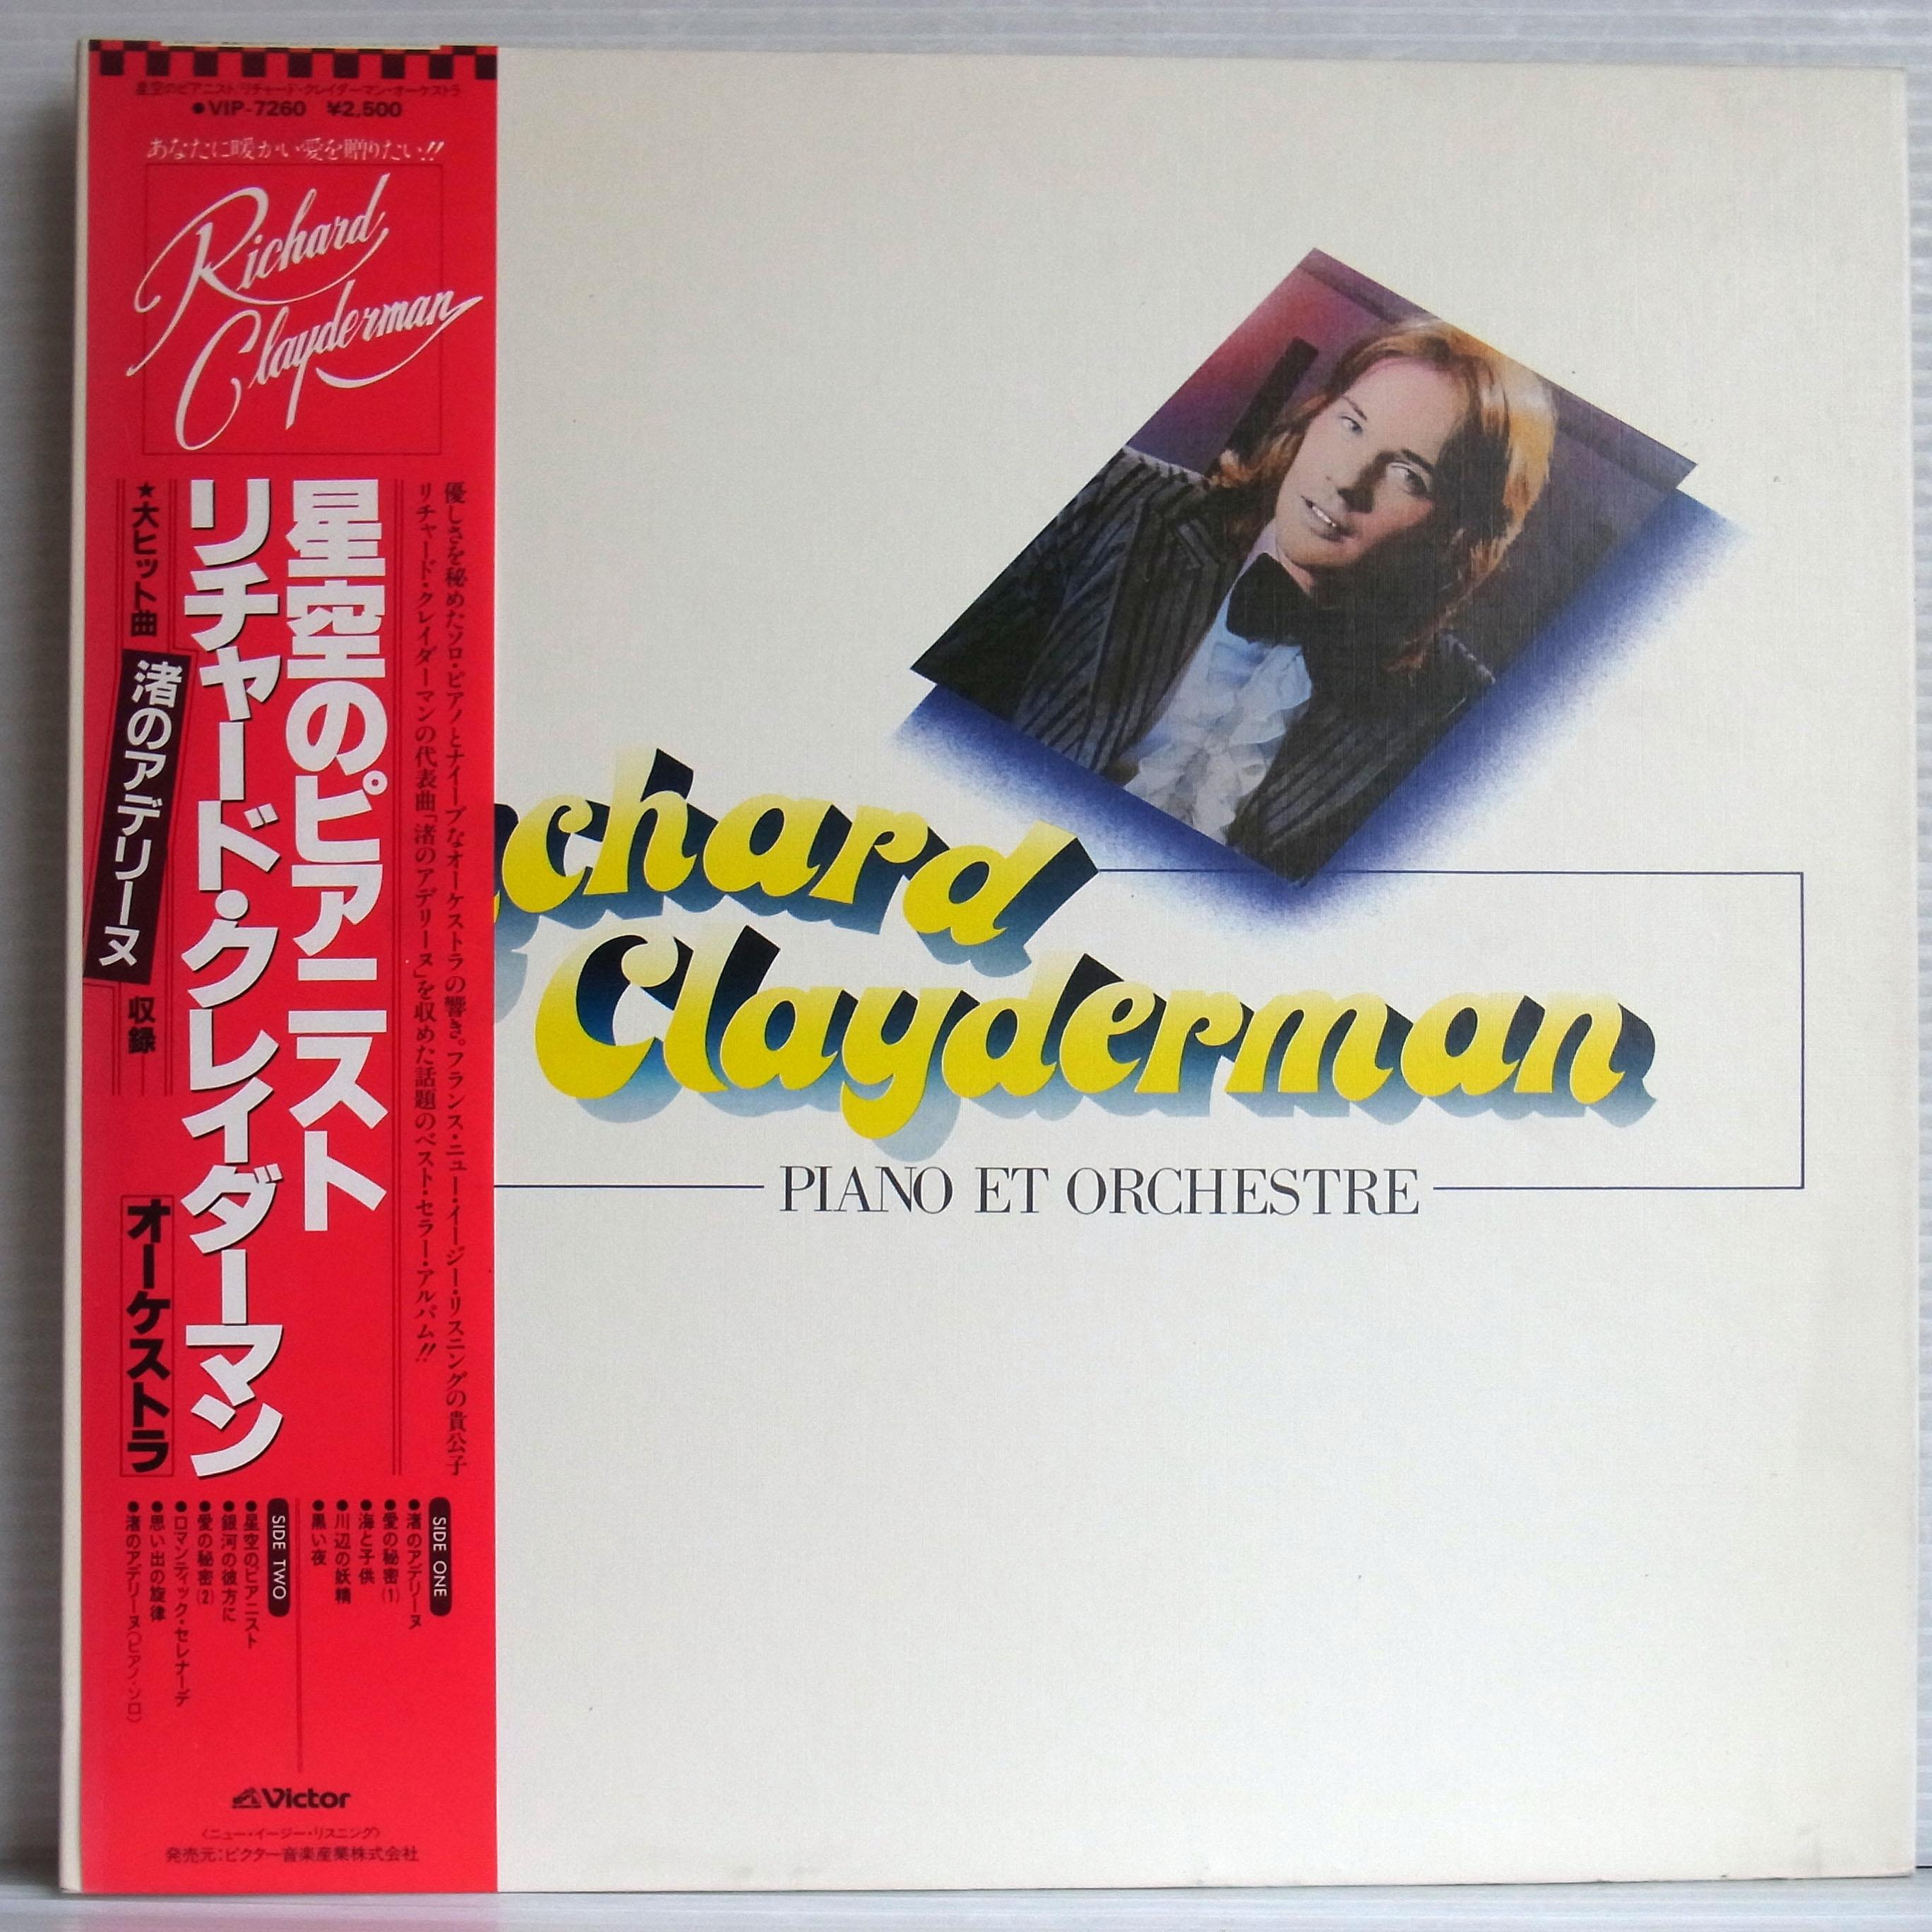 リチャード・クレイダーマン・オーケストラ / 星空のピアニスト - VIP-7260